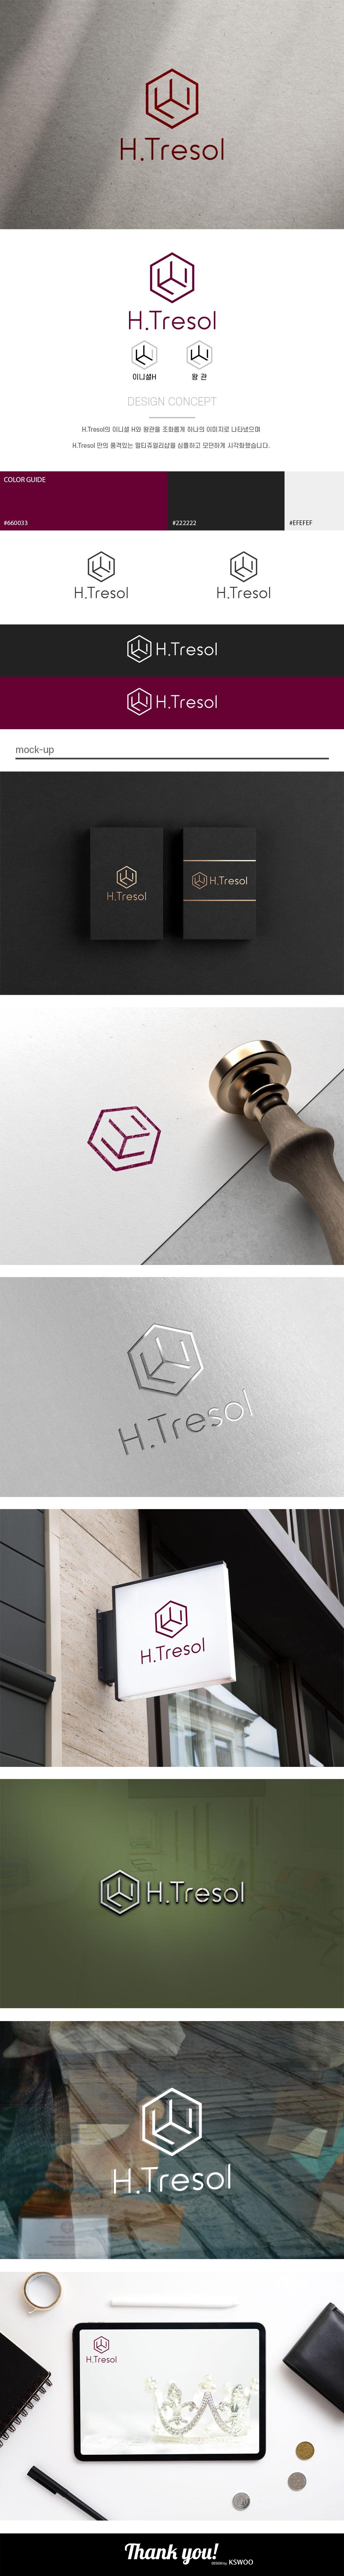 로고 디자인 | 멀티 쥬얼리샵 로고 디자인 의뢰 | 라우드소싱 포트폴리오